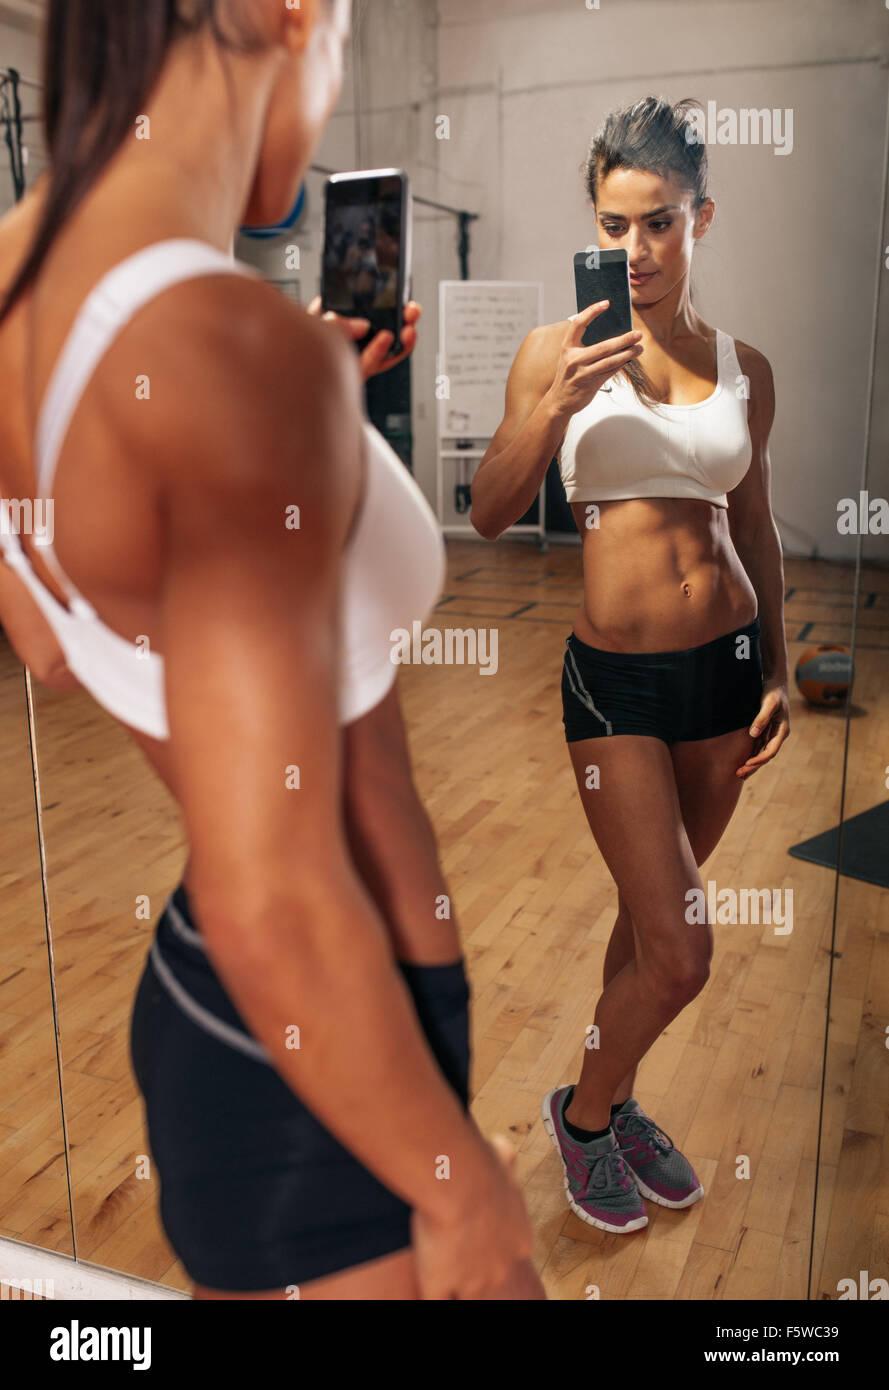 Fitness-Modell, wobei ein Selbstporträt aus der Reflexion im Spiegel mit ihrem Mobiltelefon. Muskulöse Stockbild